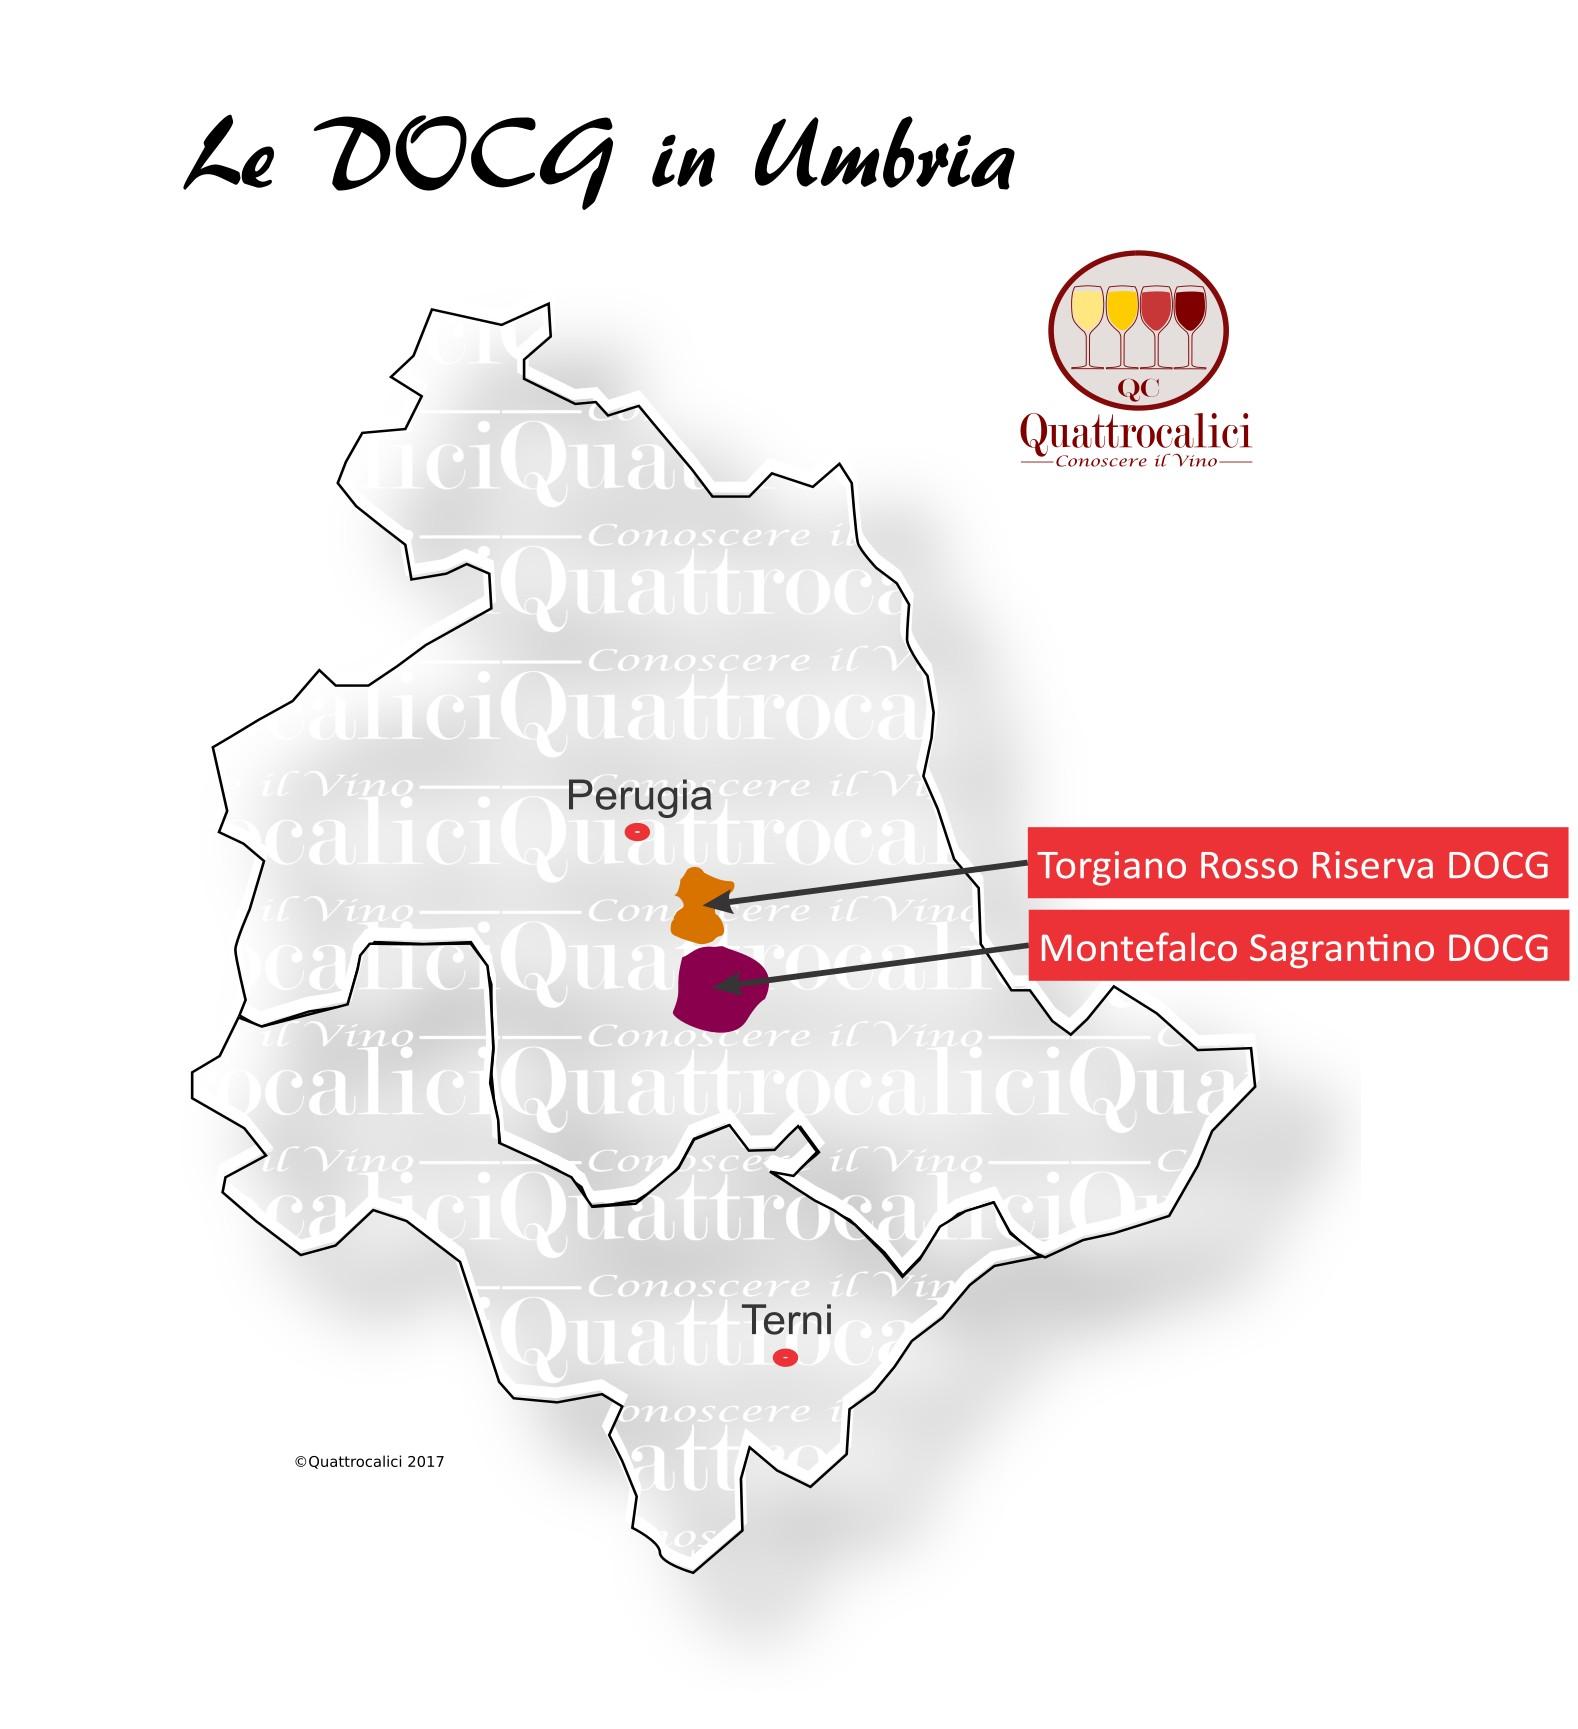 Mappa Denominzioni DOCG Umbria